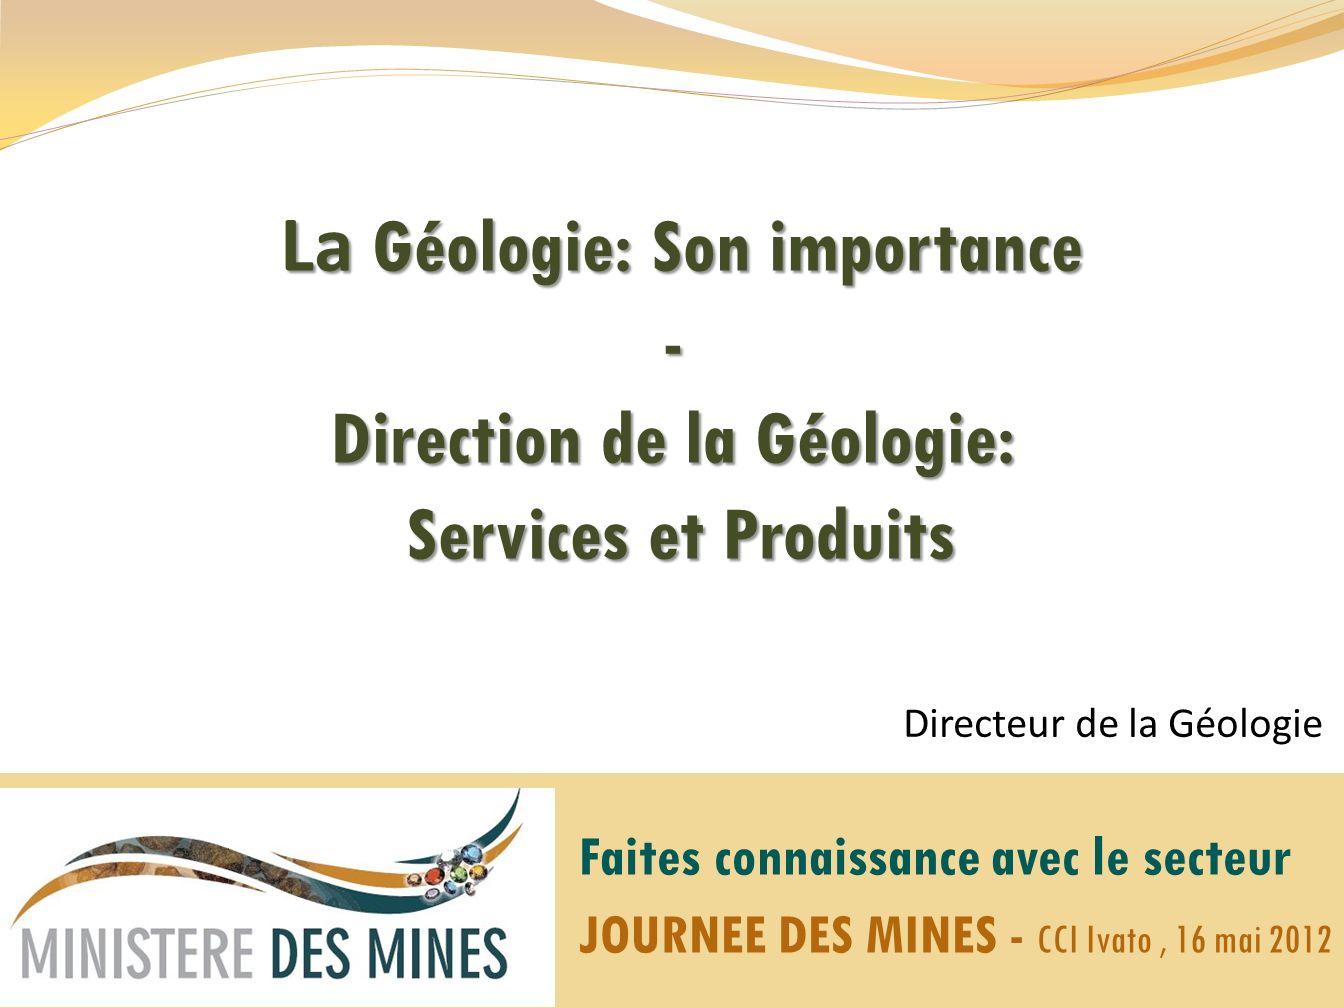 La Géologie: Son importance - Direction de la Géologie: Services et Produits La Géologie: Son importance - Direction de la Géologie: Services et Produ